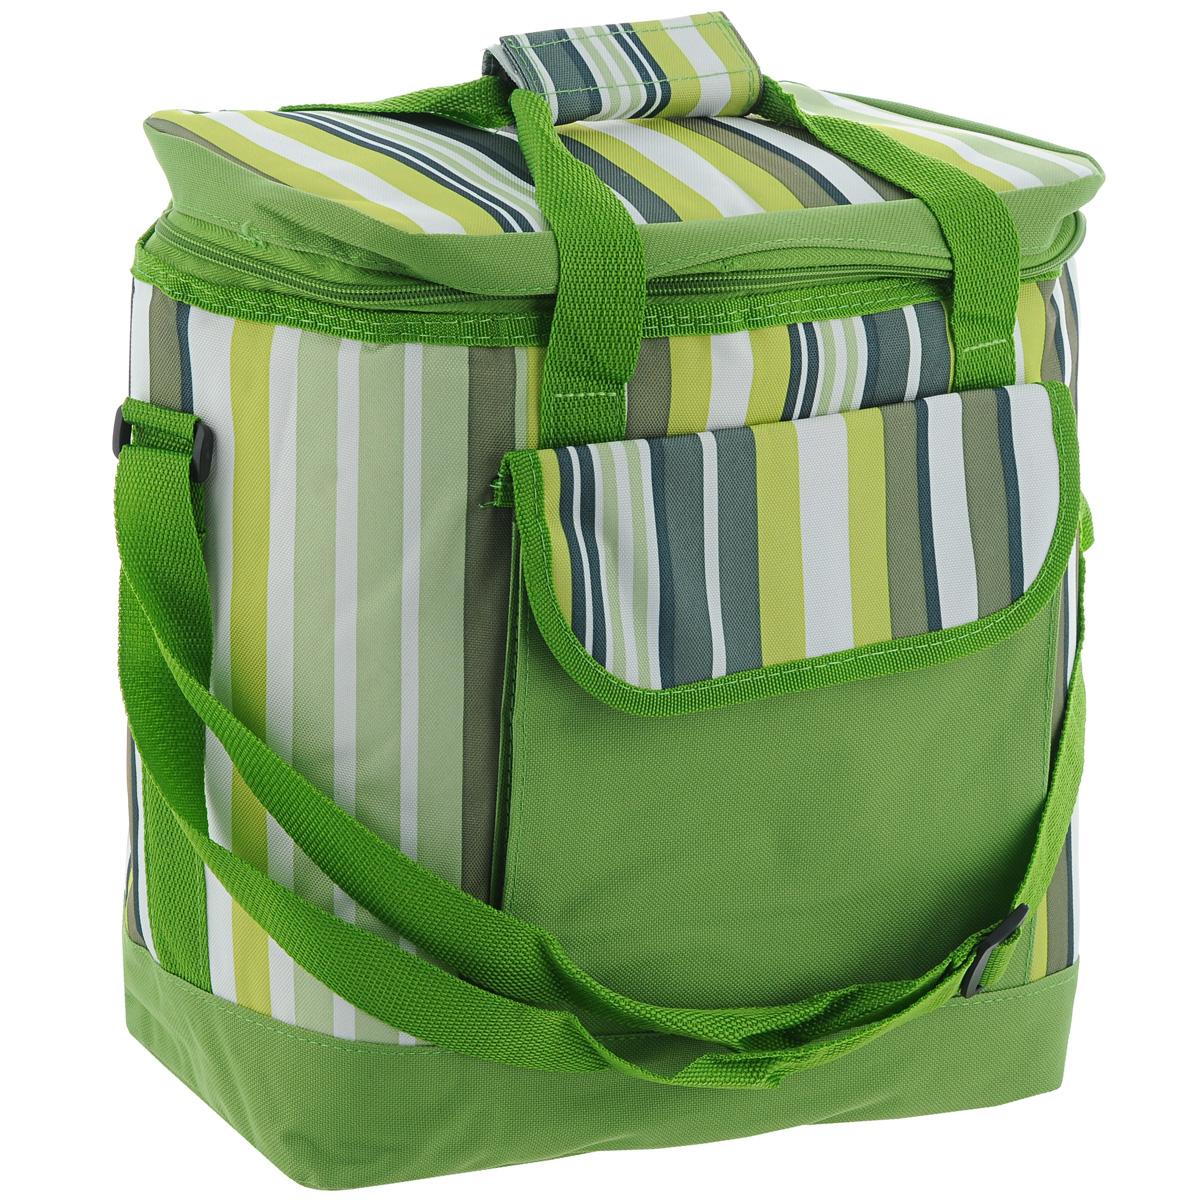 """Изотермическая термосумка """"Green Glade"""" пригодится на любом пикнике. Изнутри термосумка отделана специальным теплоизолирующим материалом, способным надолго сохранить холод, даже в жару. Сохранение температурного режима до 12 часов. Снаружи сумка изготовлена из плотного полиэстера с принтом в разноцветную вертикальную полоску. Достаточно вместительна, подходит для хранения и пищи, и напитков. Имеет одно основное отделение, закрывающееся на молнию. Спереди содержится кармашек для хранения столовых приборов и салфеток, закрывающийся клапаном на липучку.  Для удобной переноски сумка оснащена двумя ручками и отстегивающимся плечевым ремнем.  Сумка идеально подходит для отдыха на природе, пикников, туристических походов и путешествий."""